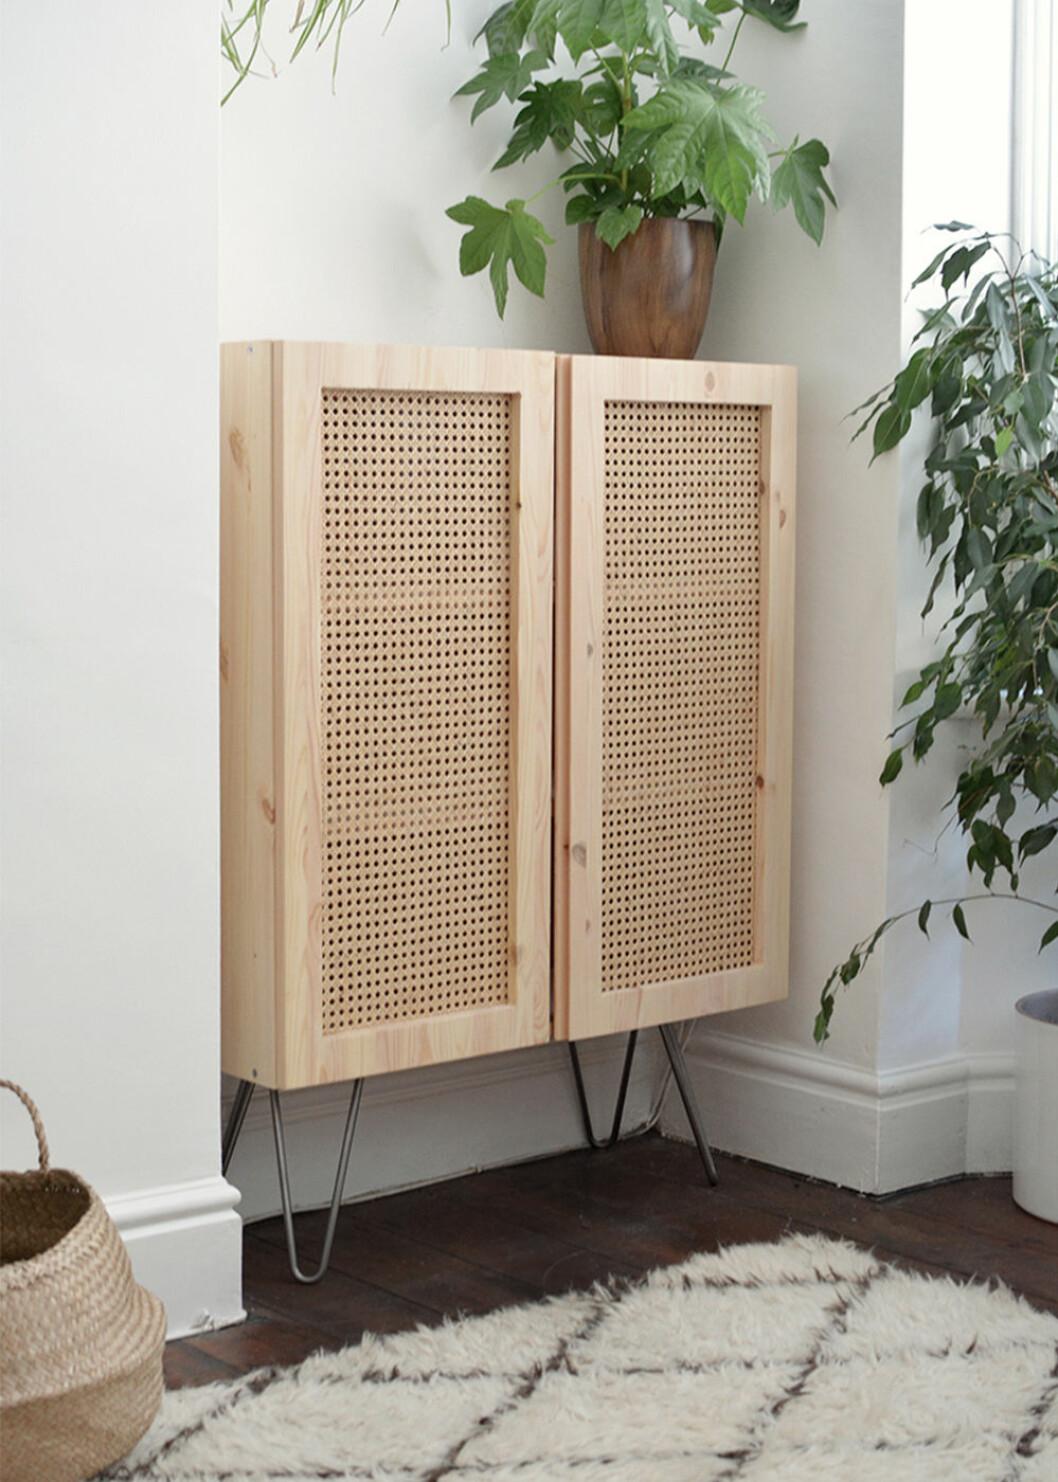 Ivar-skåp från Ikea med DIY-rottingdörrar